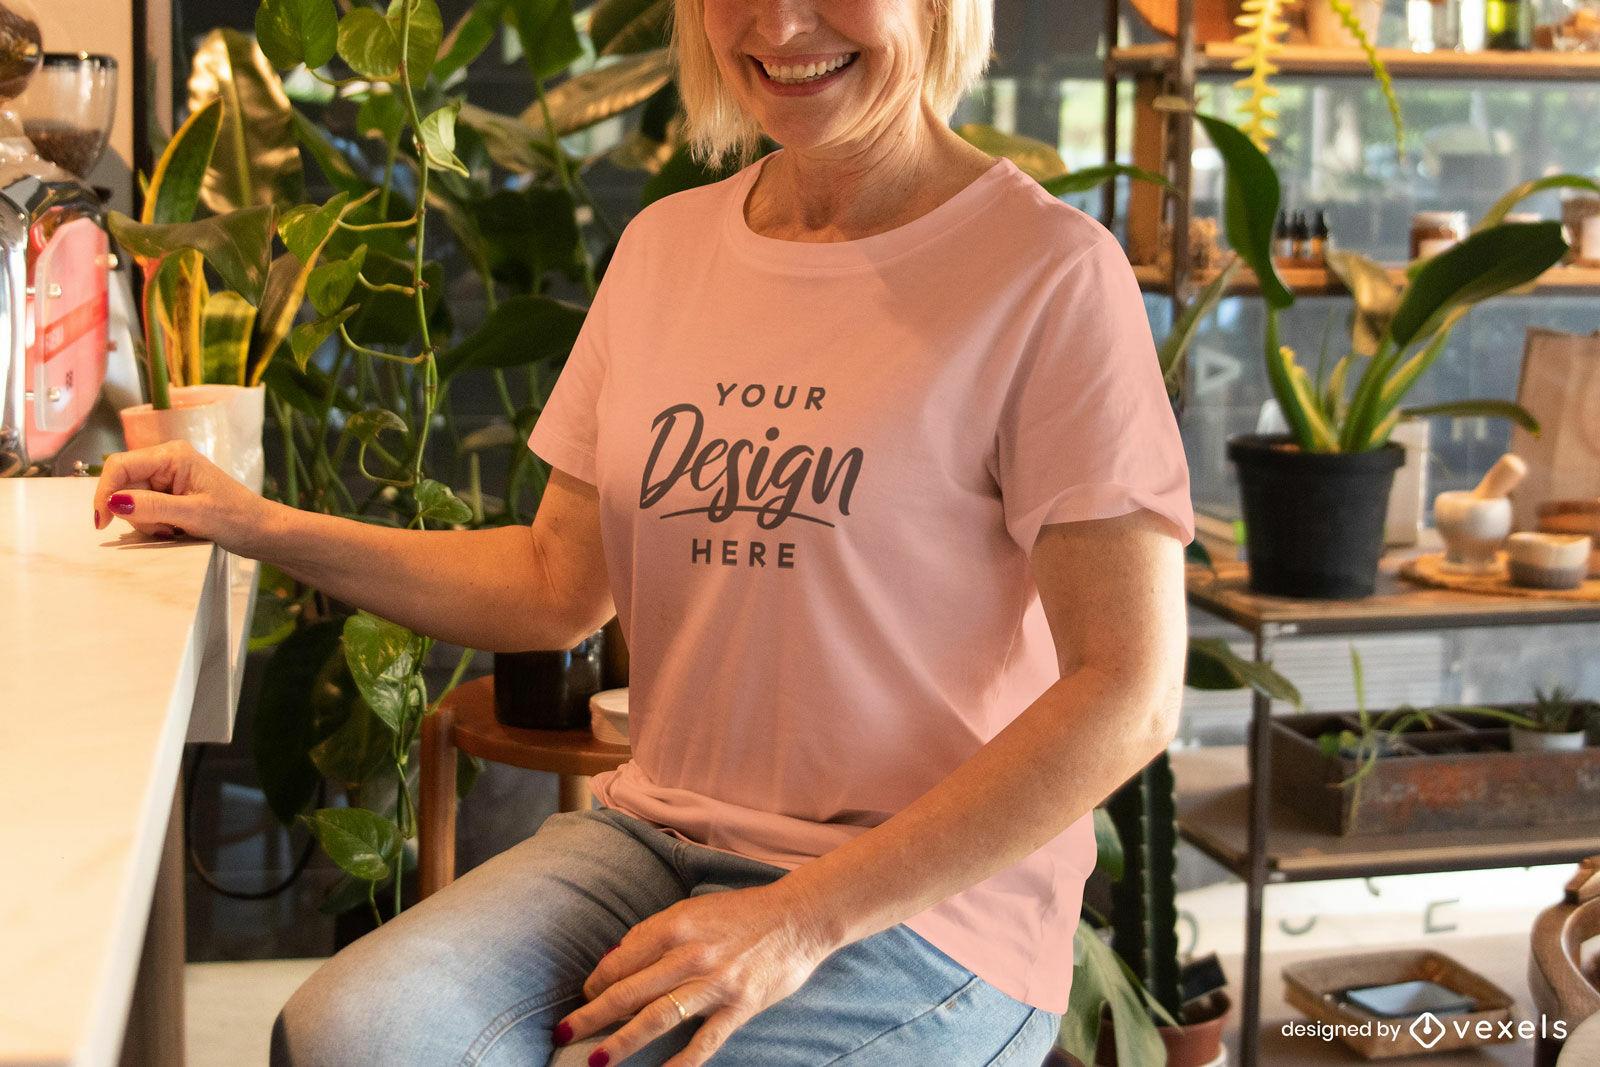 Maquete de mulher com sess?o de camiseta rosa